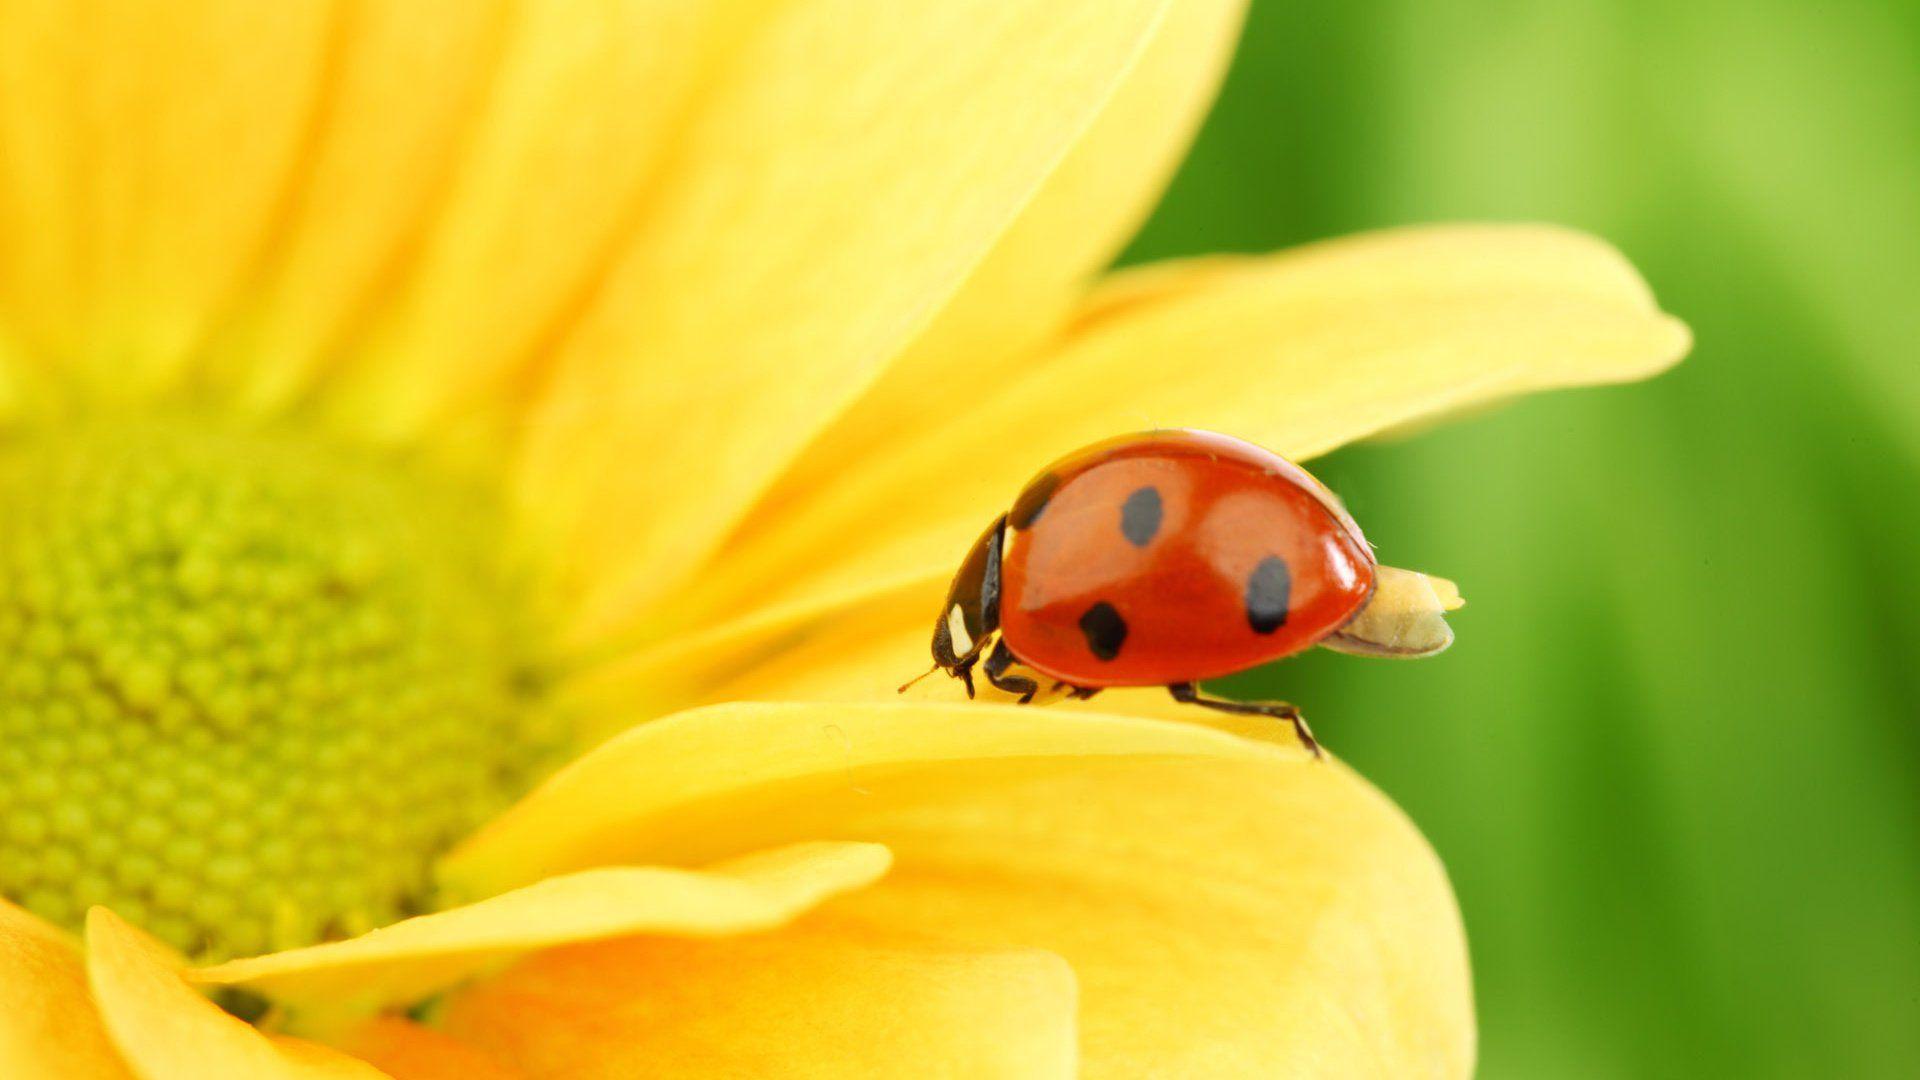 Wallpaper Ladybug